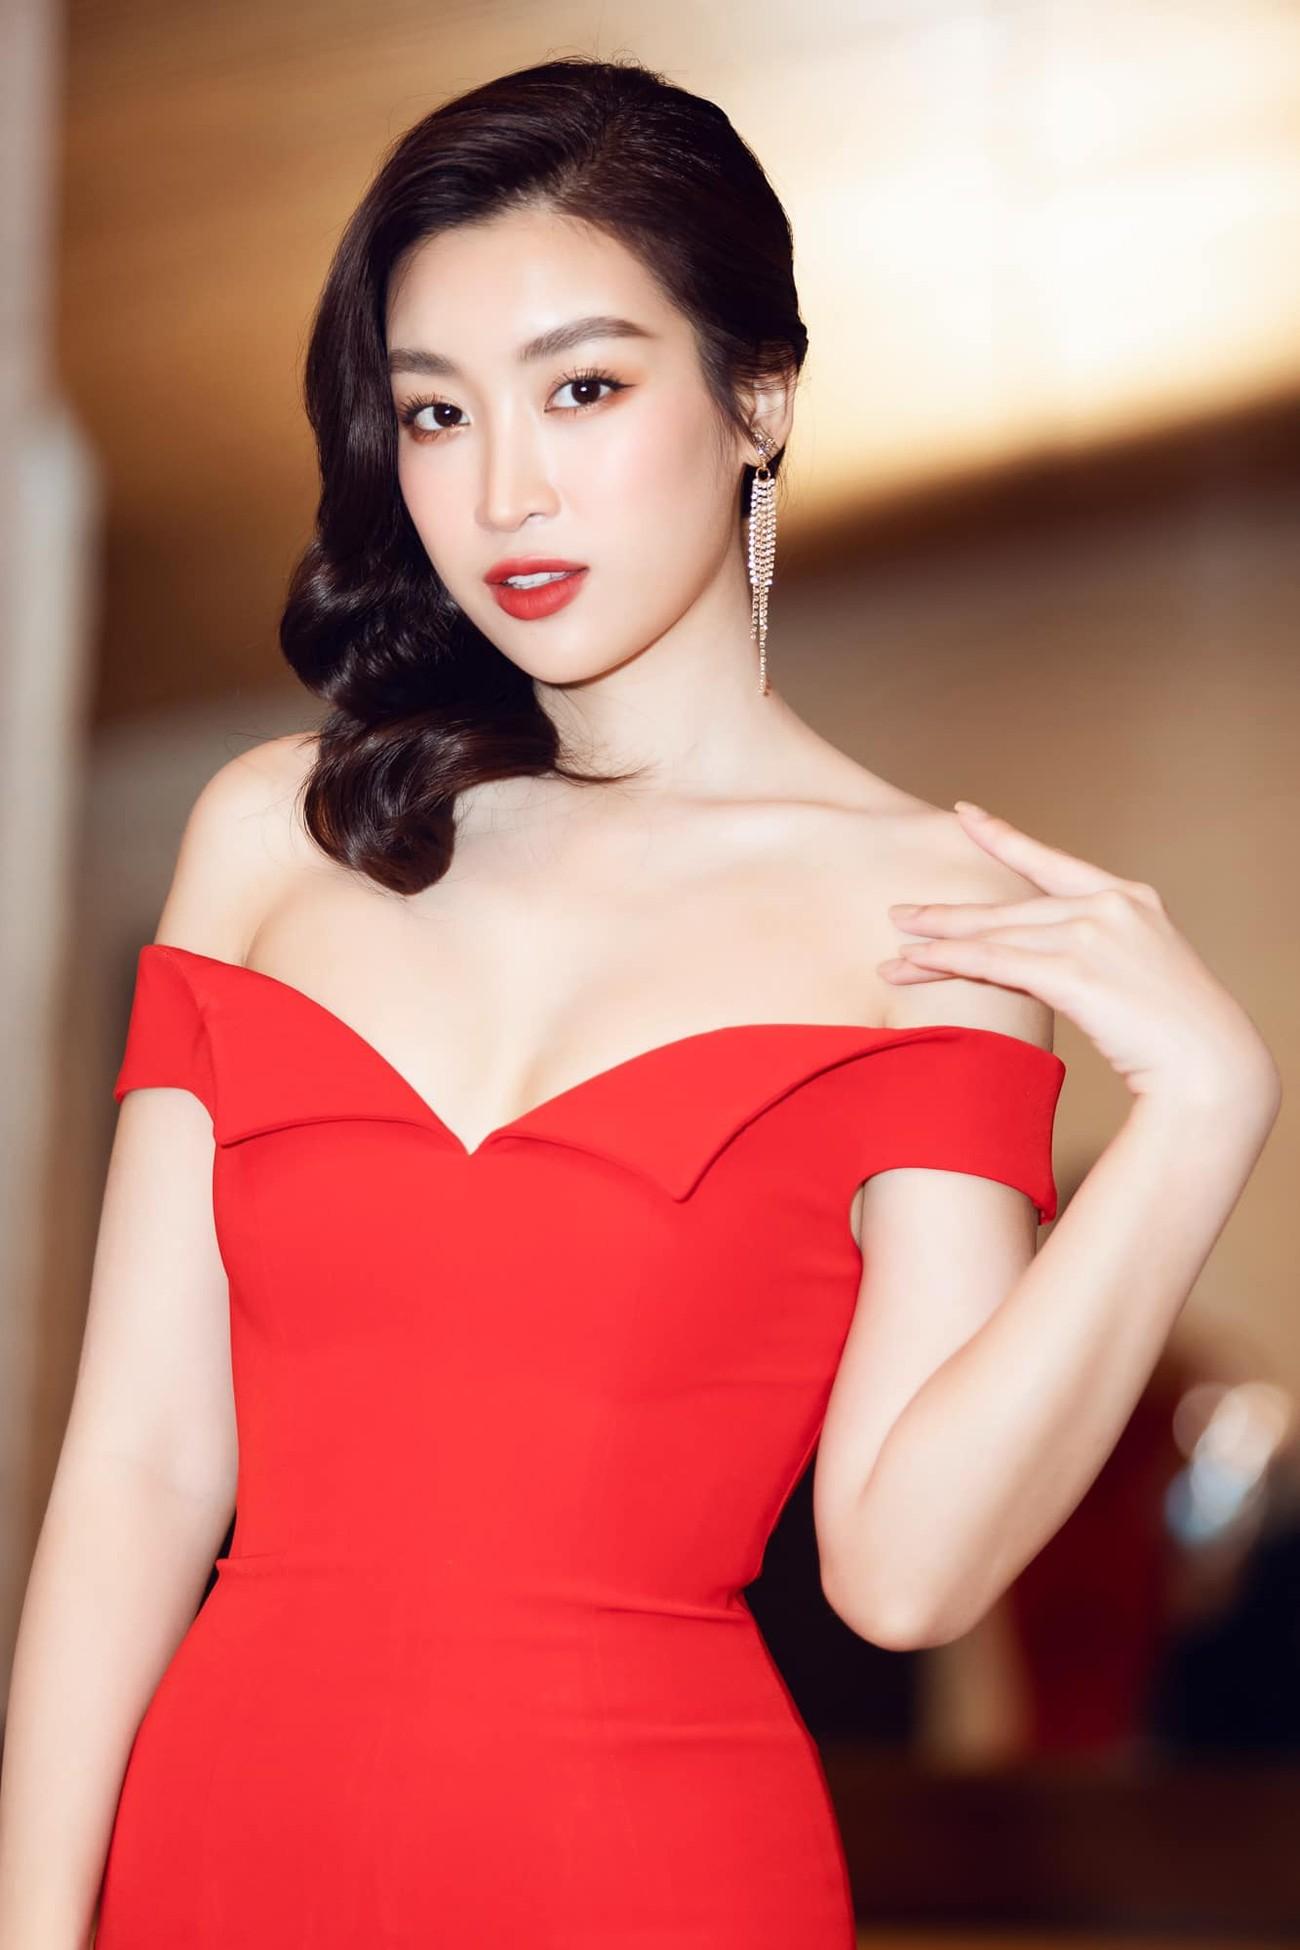 Hoa hậu Tiểu Vy mặc váy cô dâu khoe thềm ngực quyến rũ ảnh 7